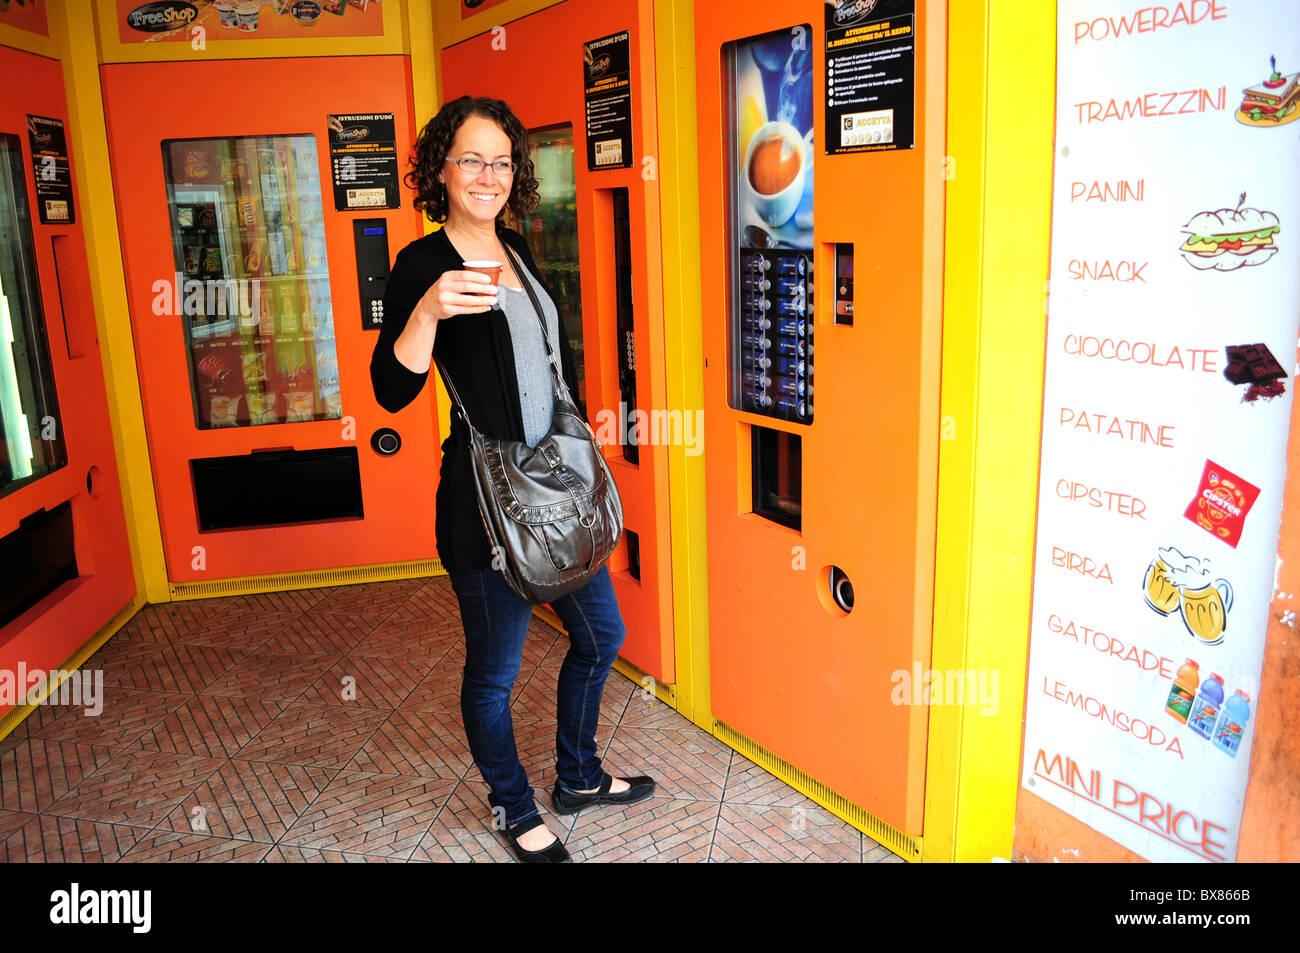 Chica bebiendo café desde una máquina en Roma Italia Imagen De Stock